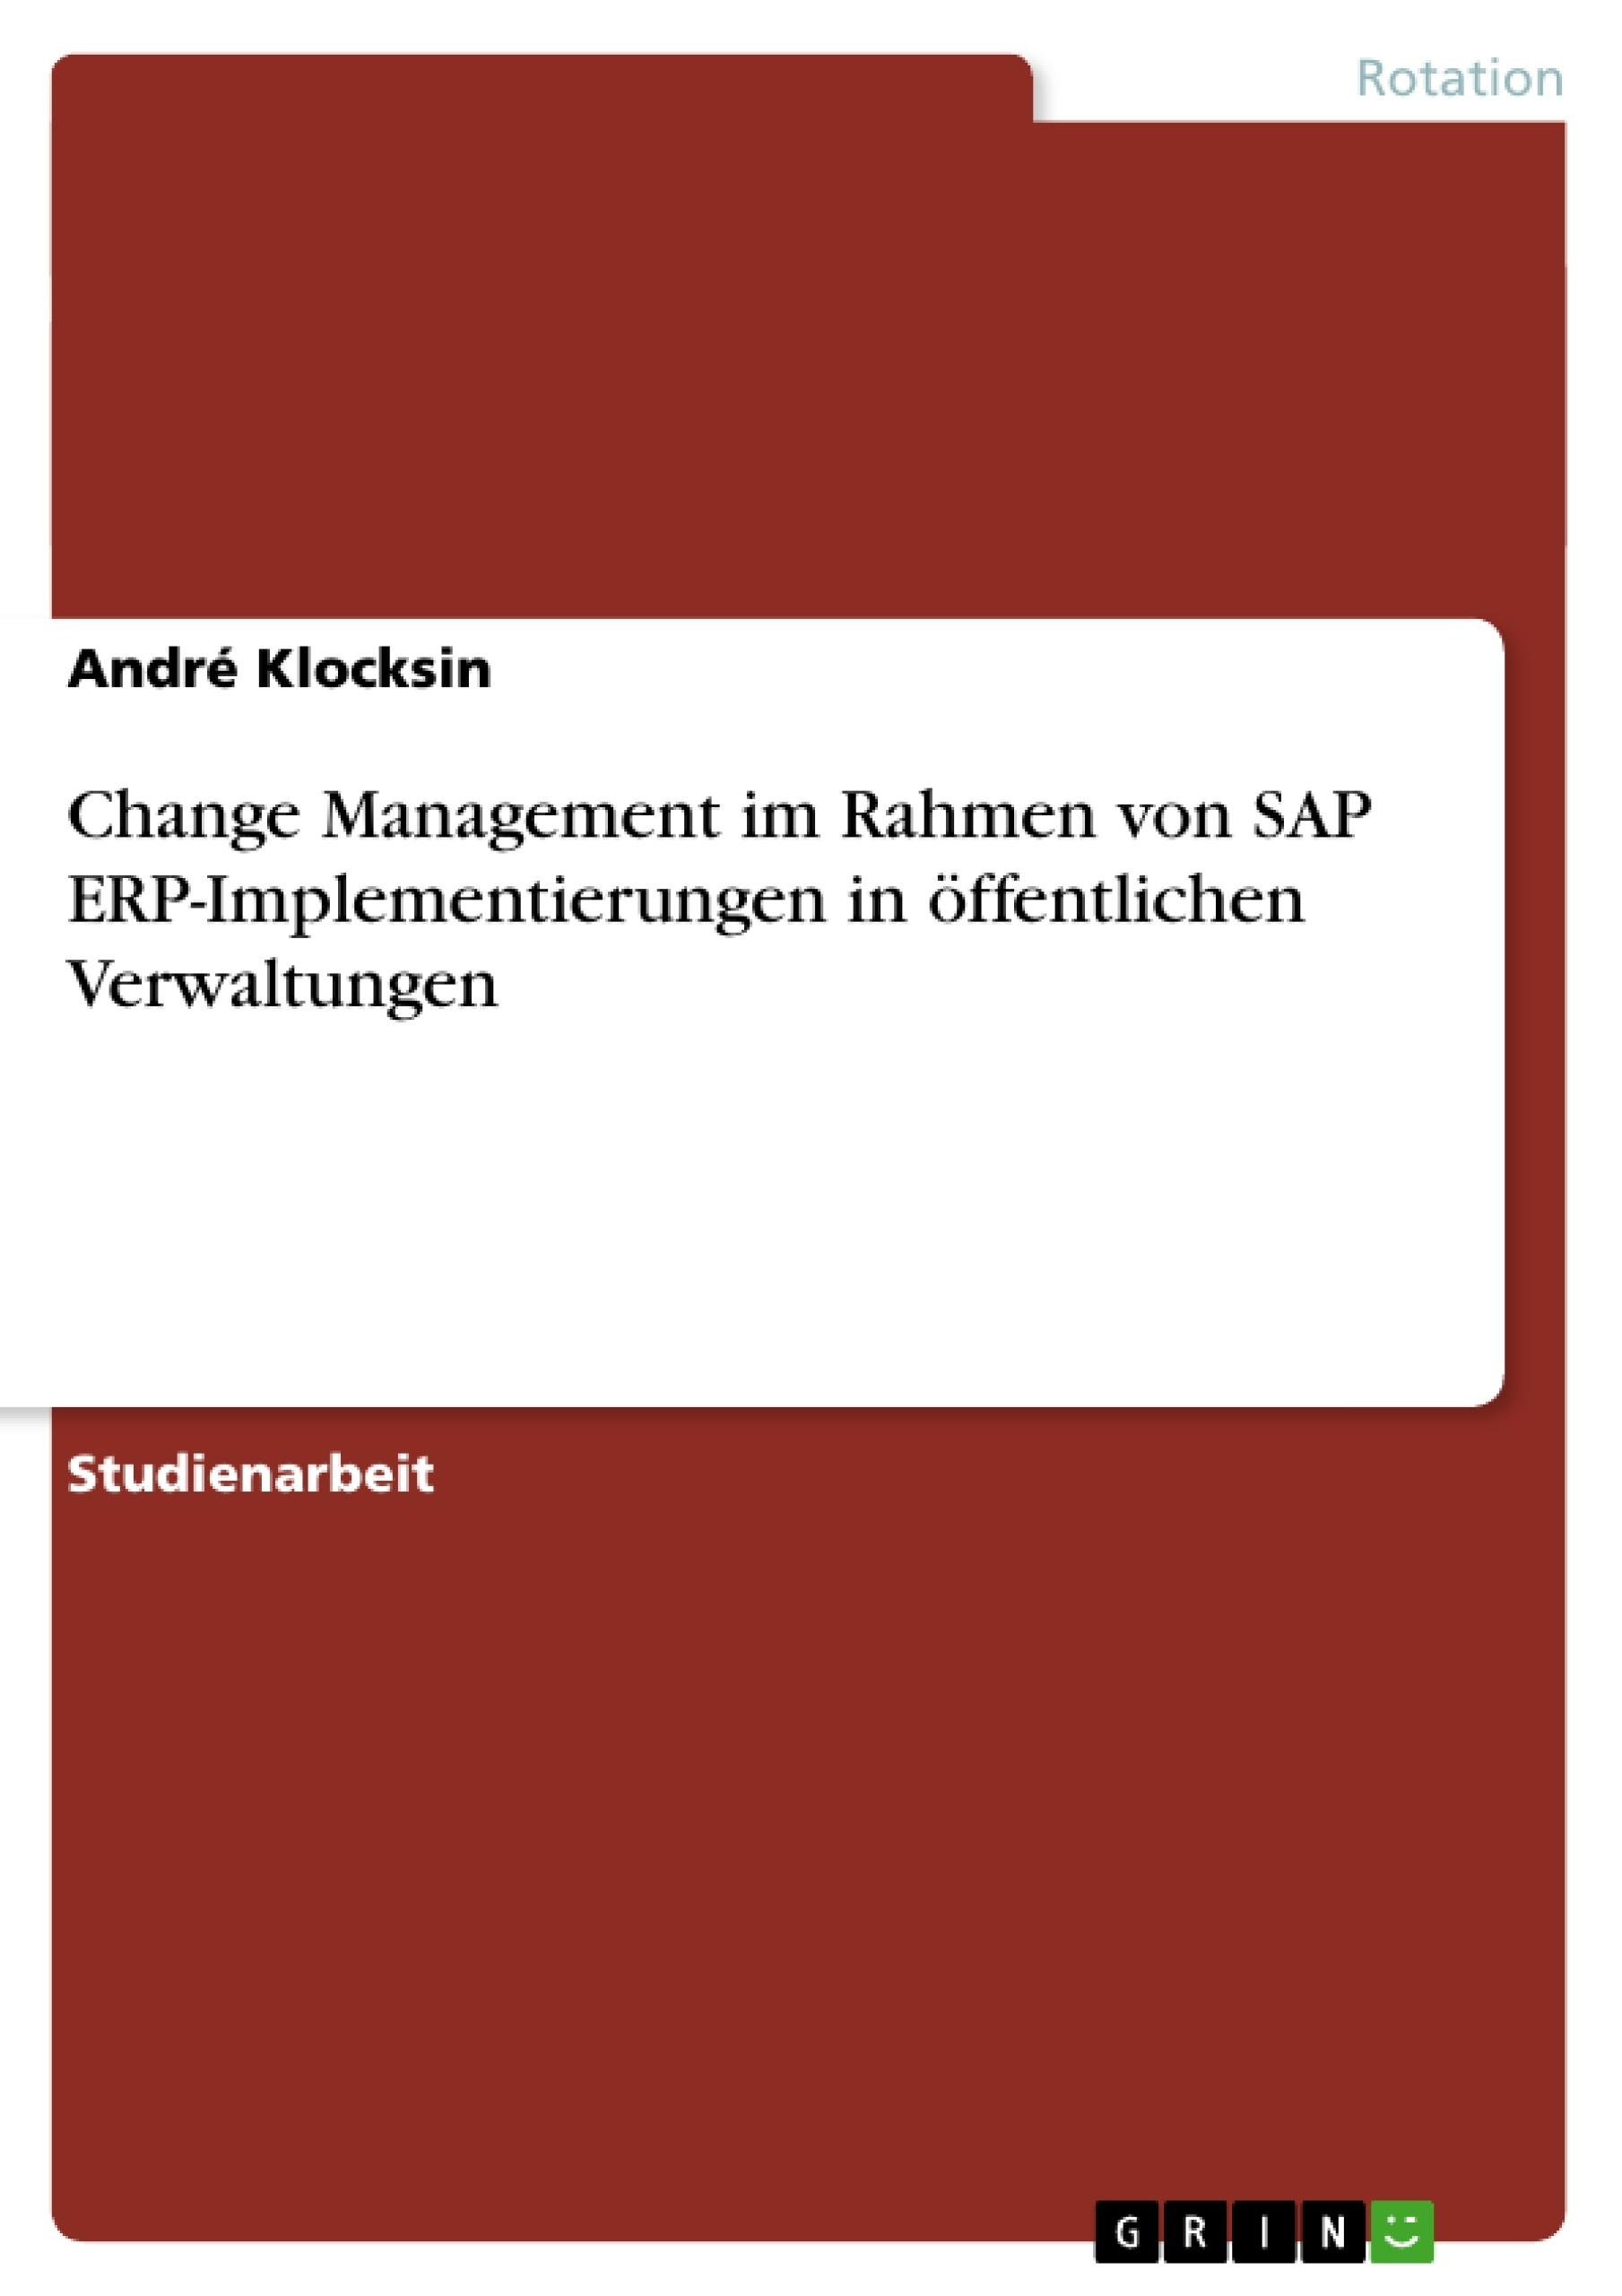 Titel: Change Management im Rahmen von SAP ERP-Implementierungen in öffentlichen Verwaltungen